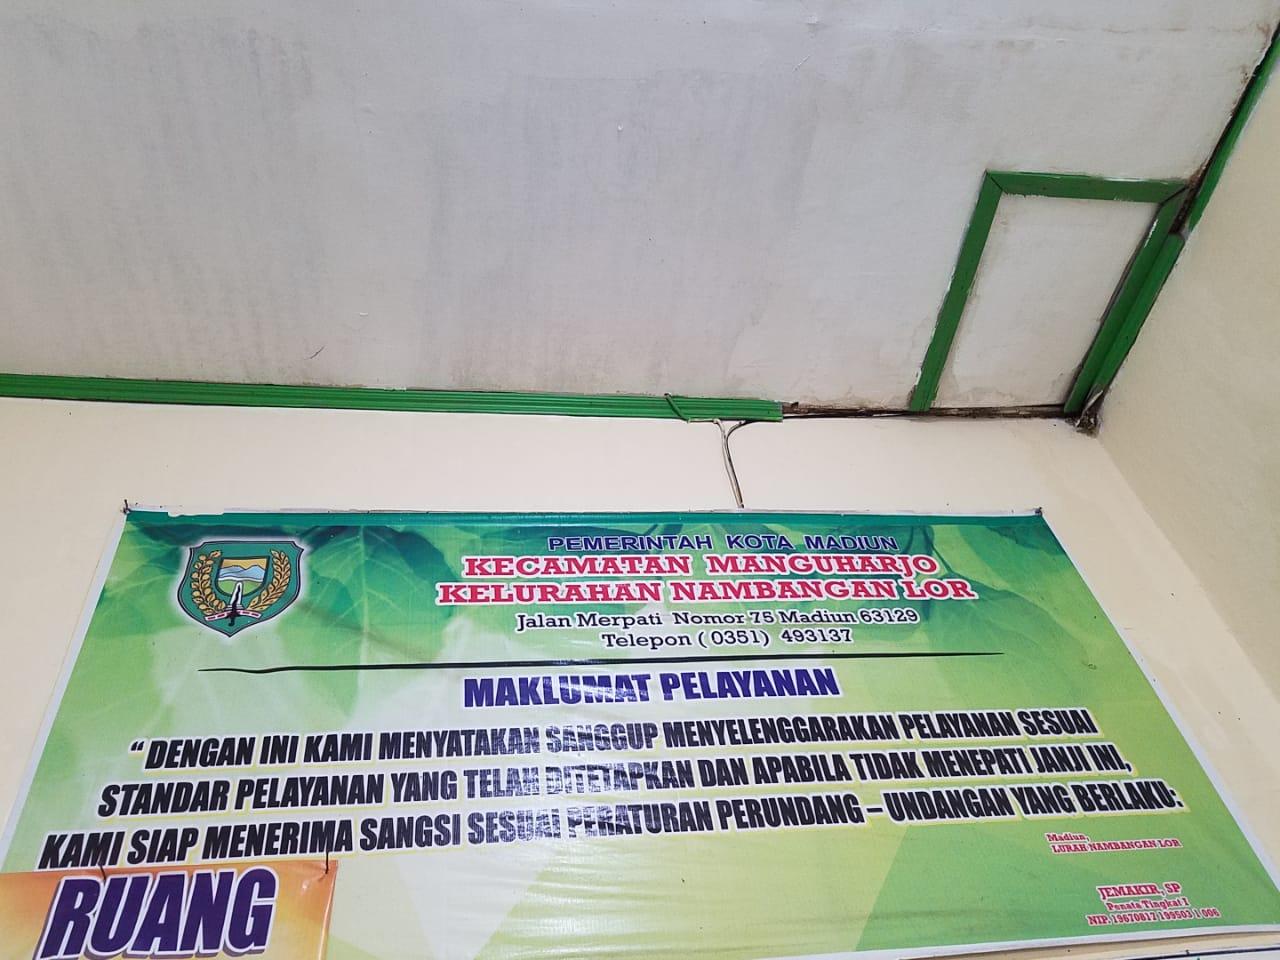 Maklumat Pelayanan dari Kelurahan Nambangan Lor Kec Manguharjo Kota Madiun